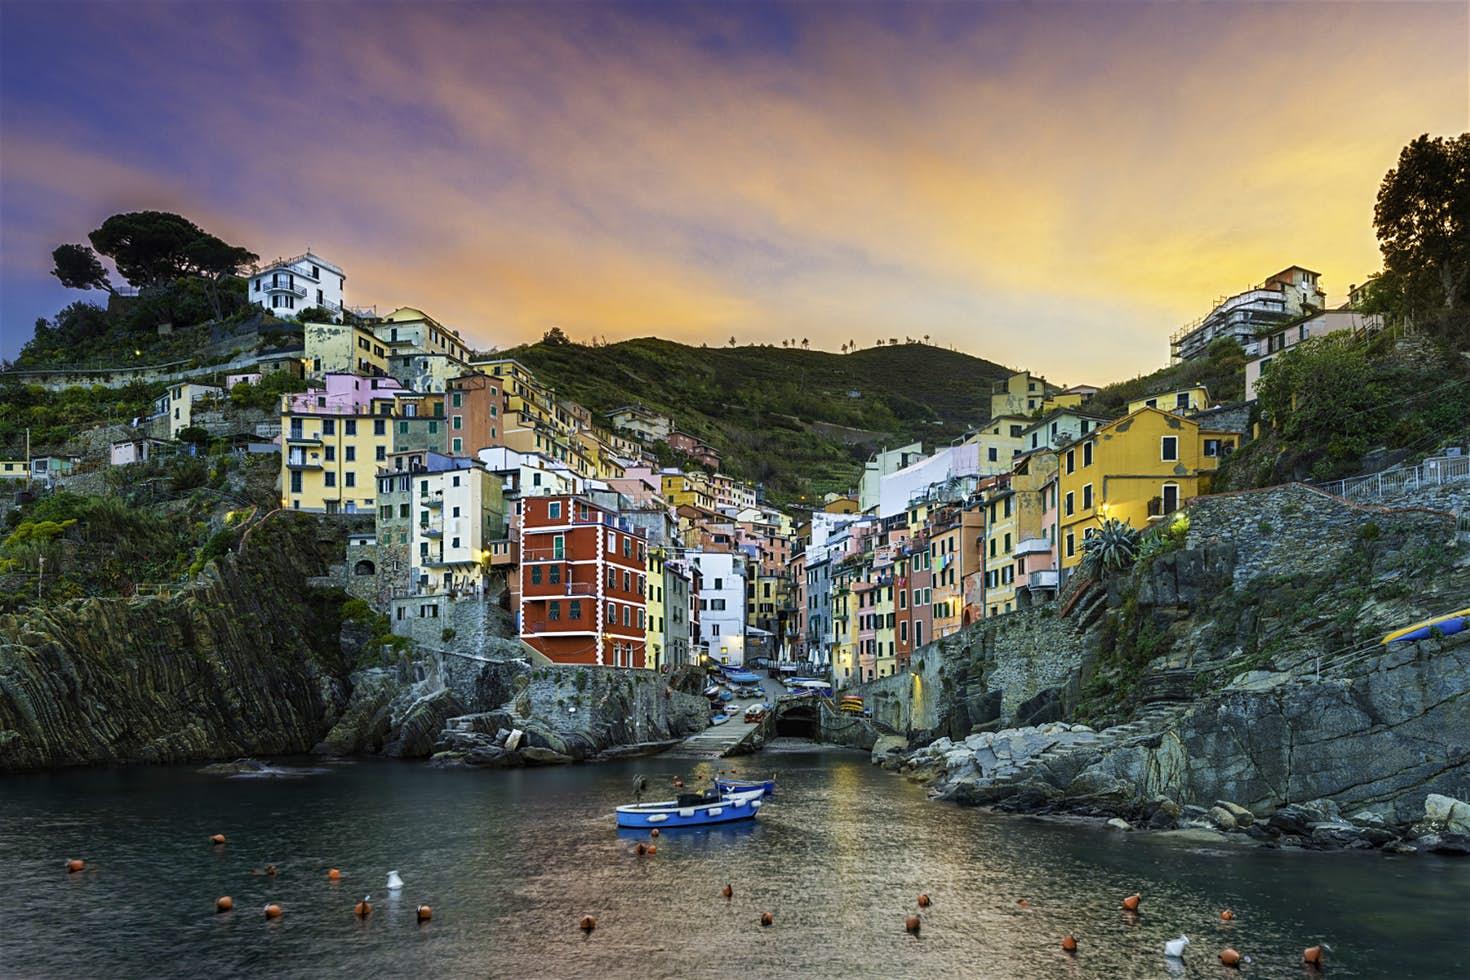 Riomaggiore (part of the 5 towns)